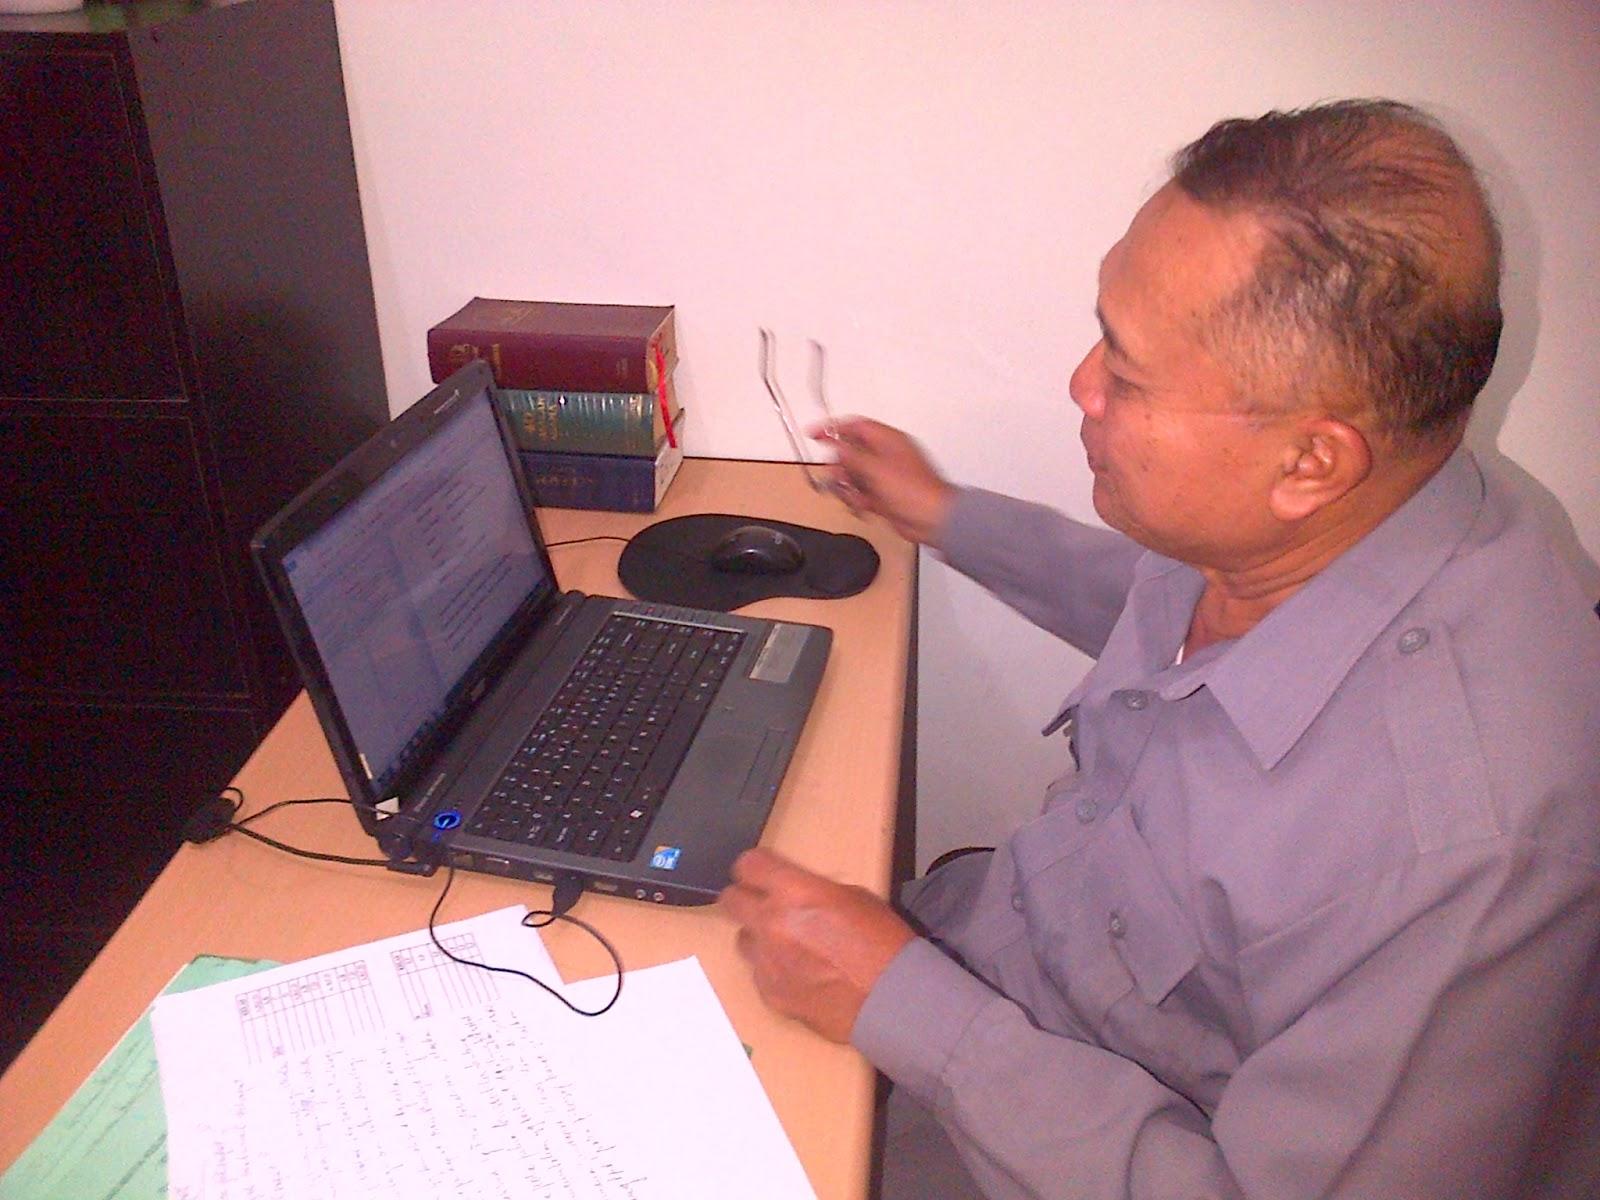 dan Bapak HRD pun Pakai Acer Aspire Kata Beliau Praktis Lebih Tipis Lebih Ringan dan Tahan Banting doc pribadi